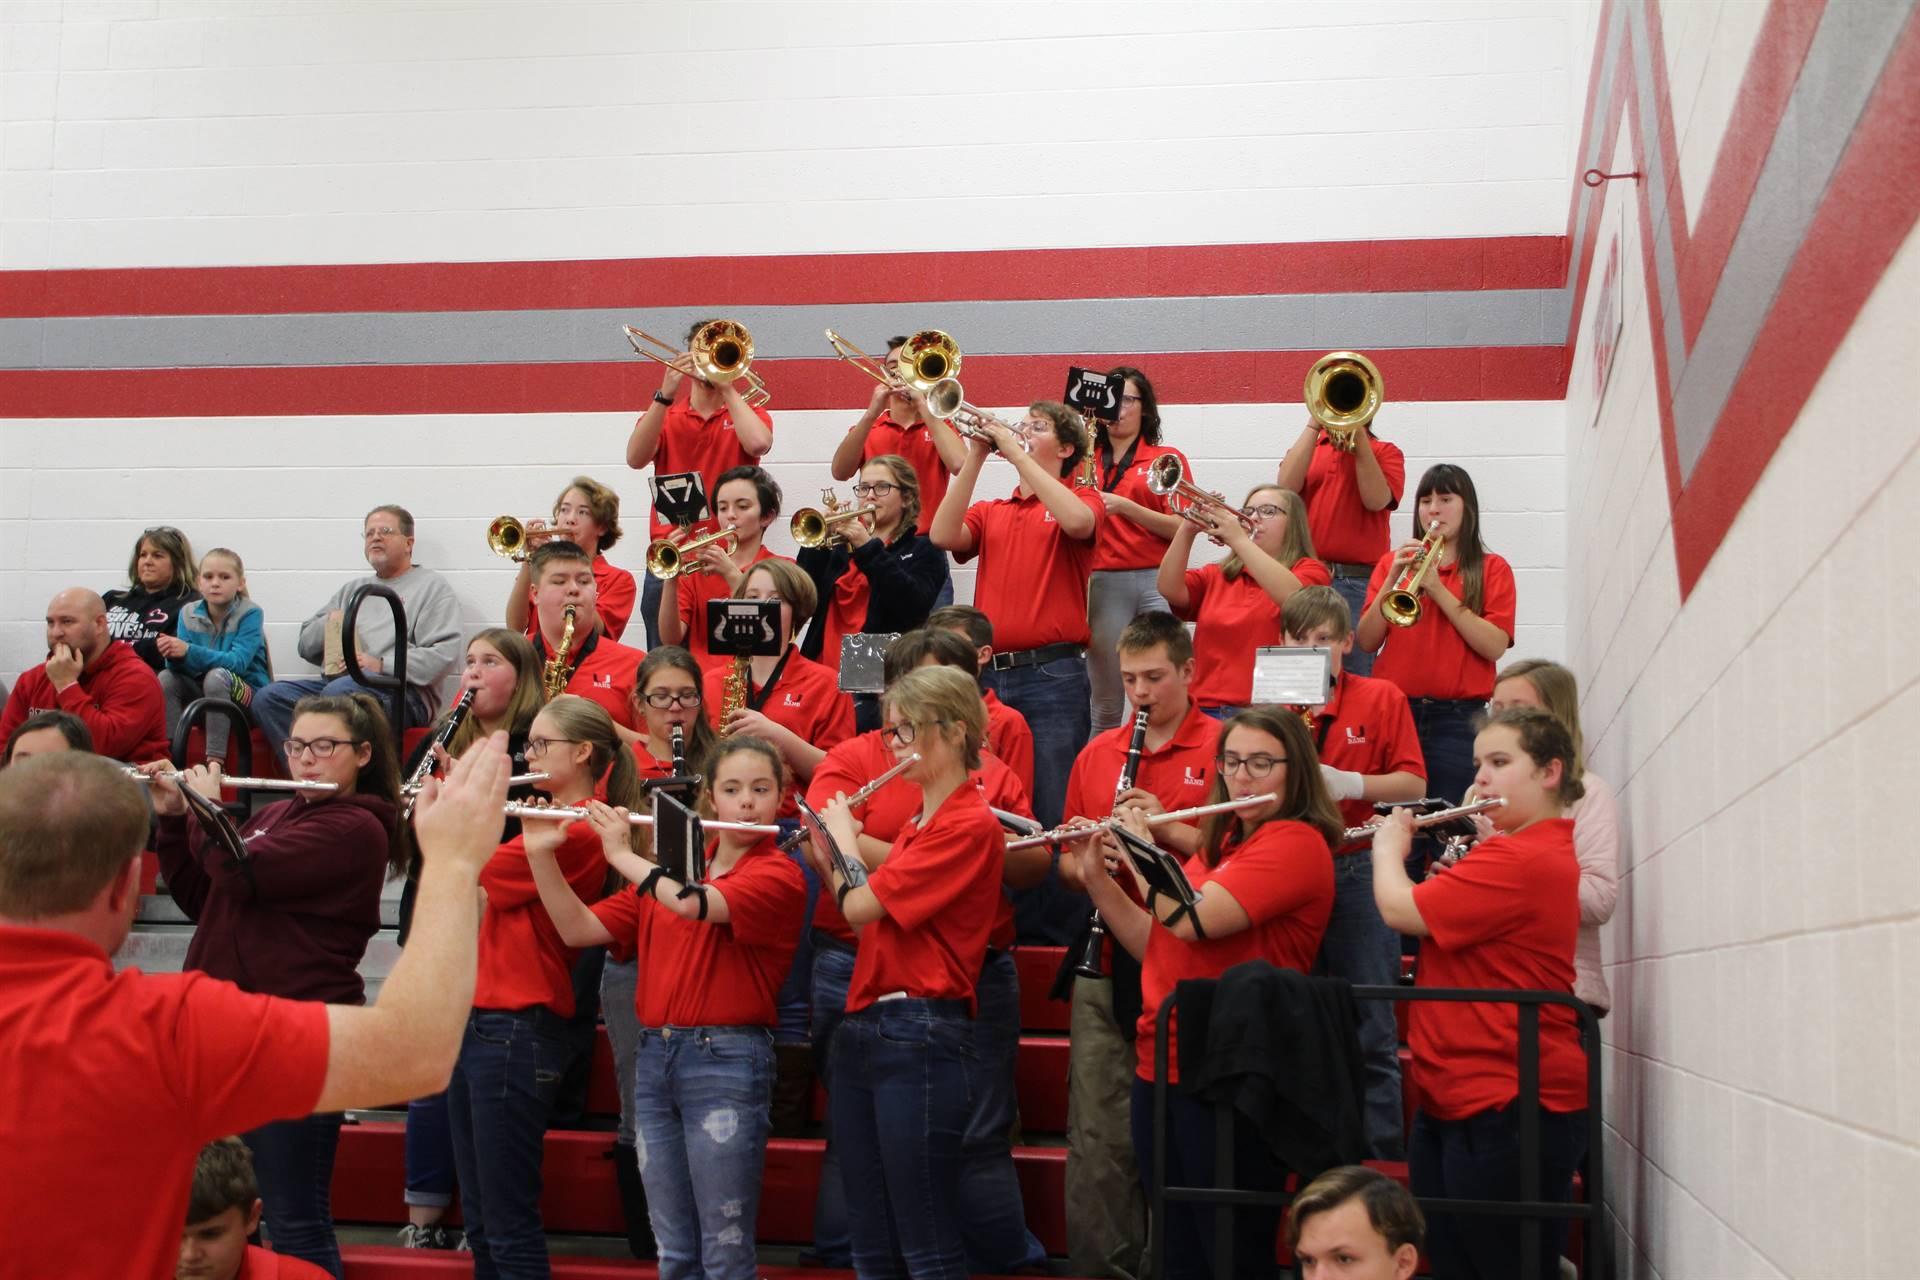 Pep Band